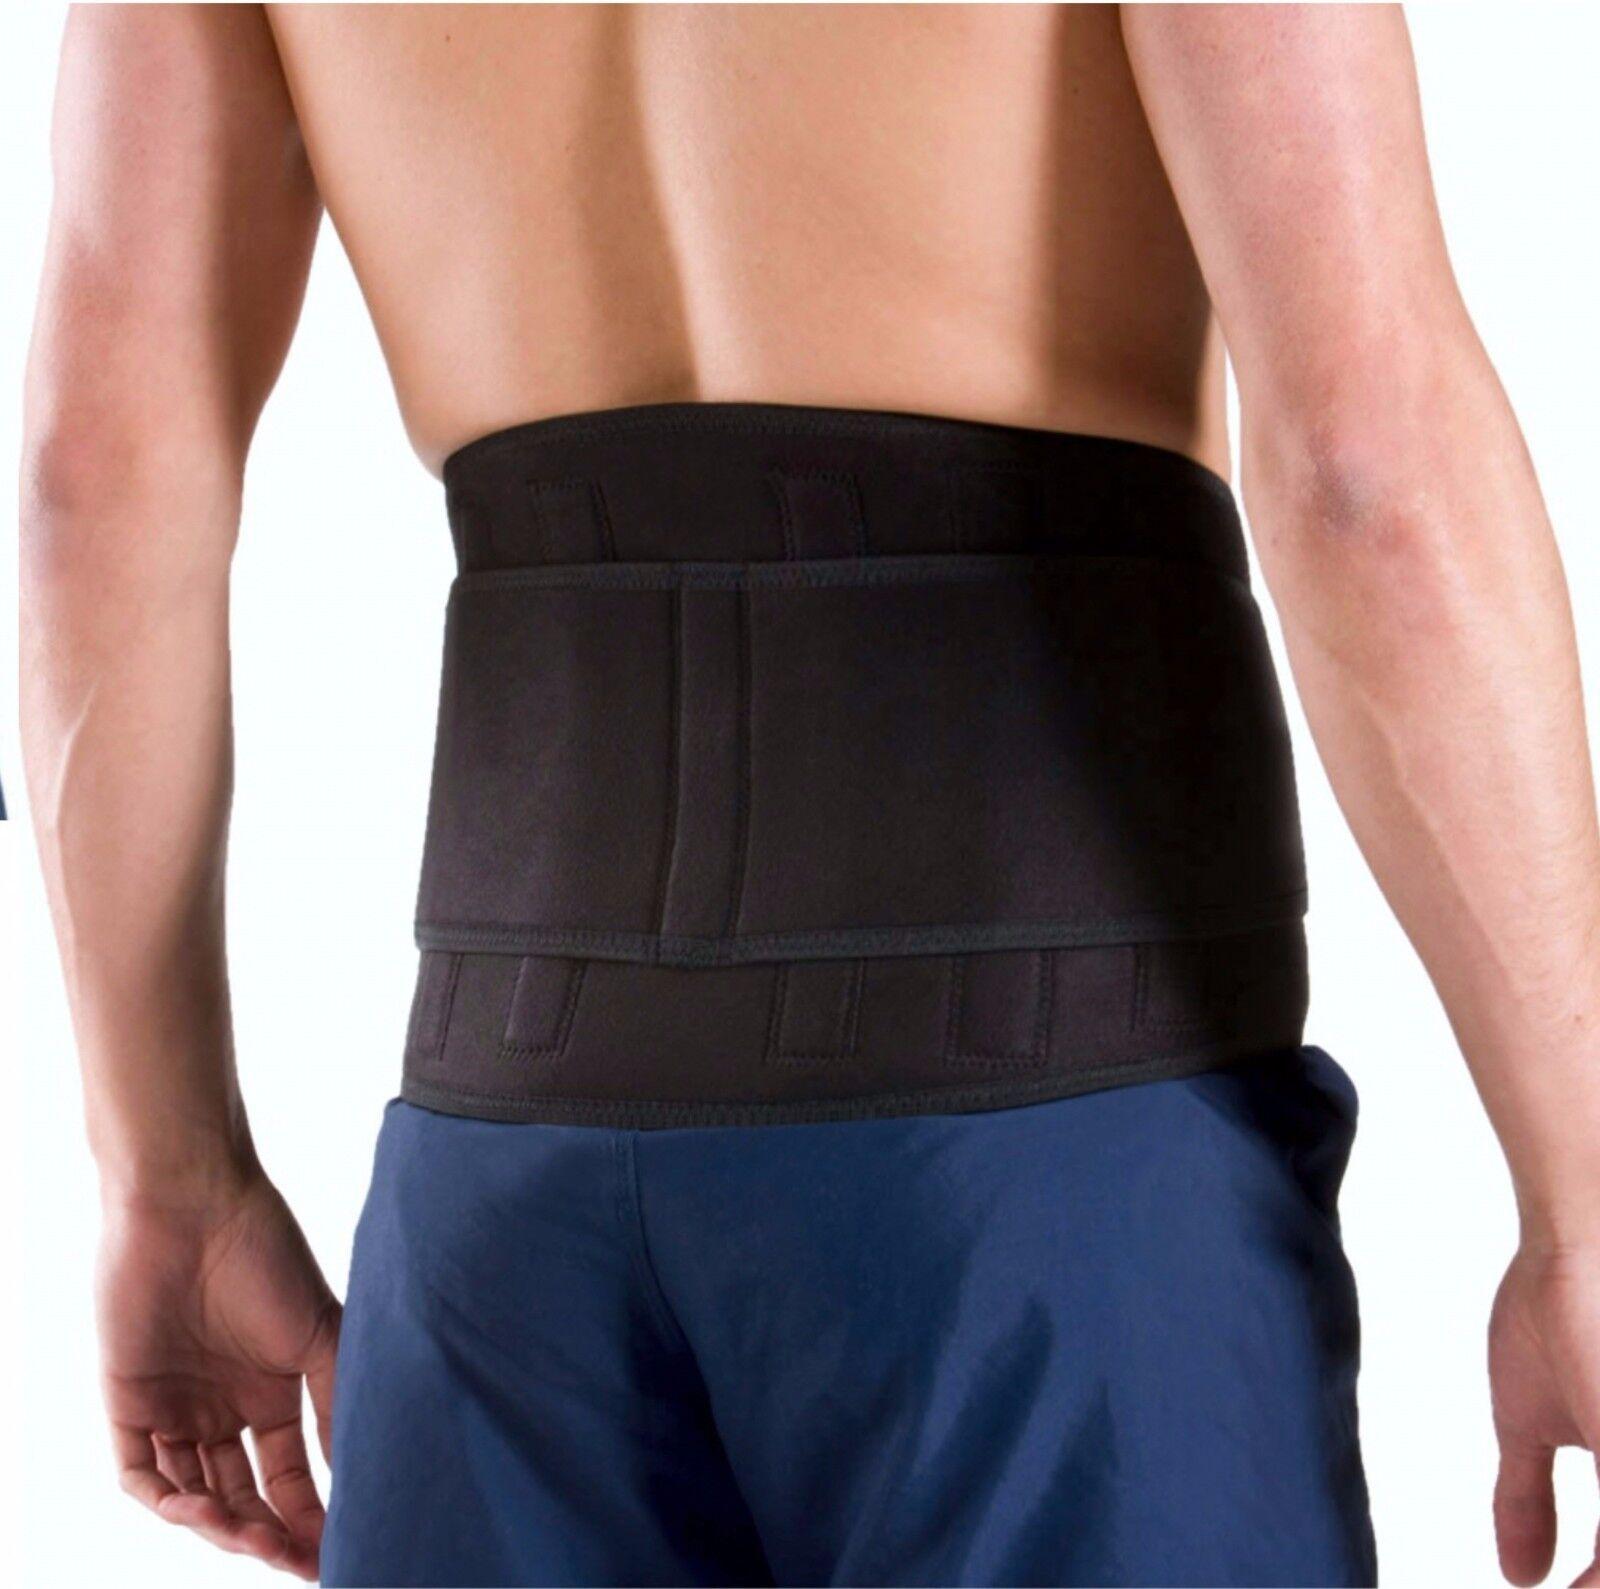 EVO lombare Cintura Supporto Schiena NEOPRENE YOGA sollevamento pesi ginnastica